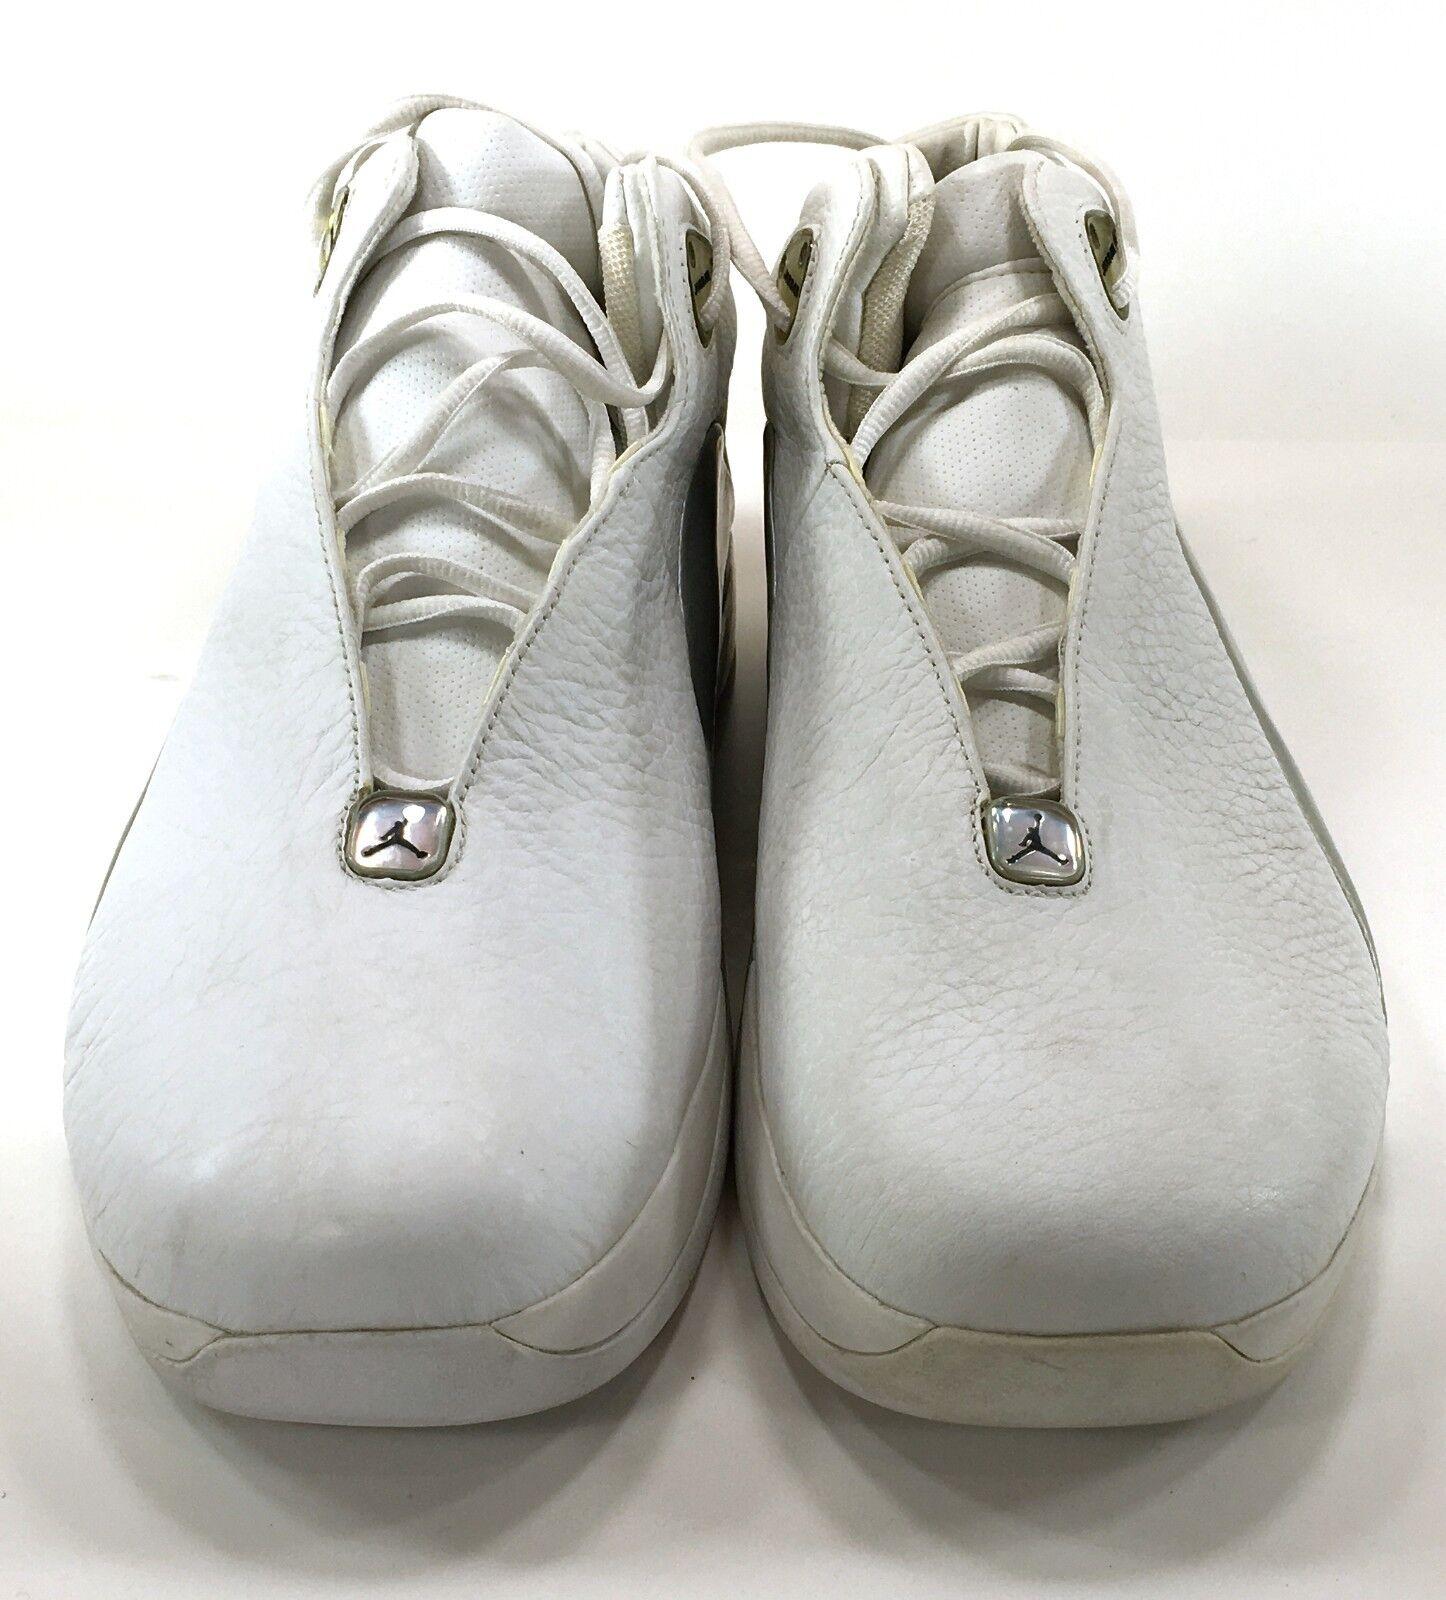 nike schuhe weiß air jordan - team jumpman fließen selten weiß schuhe / grau größe. 7afb94